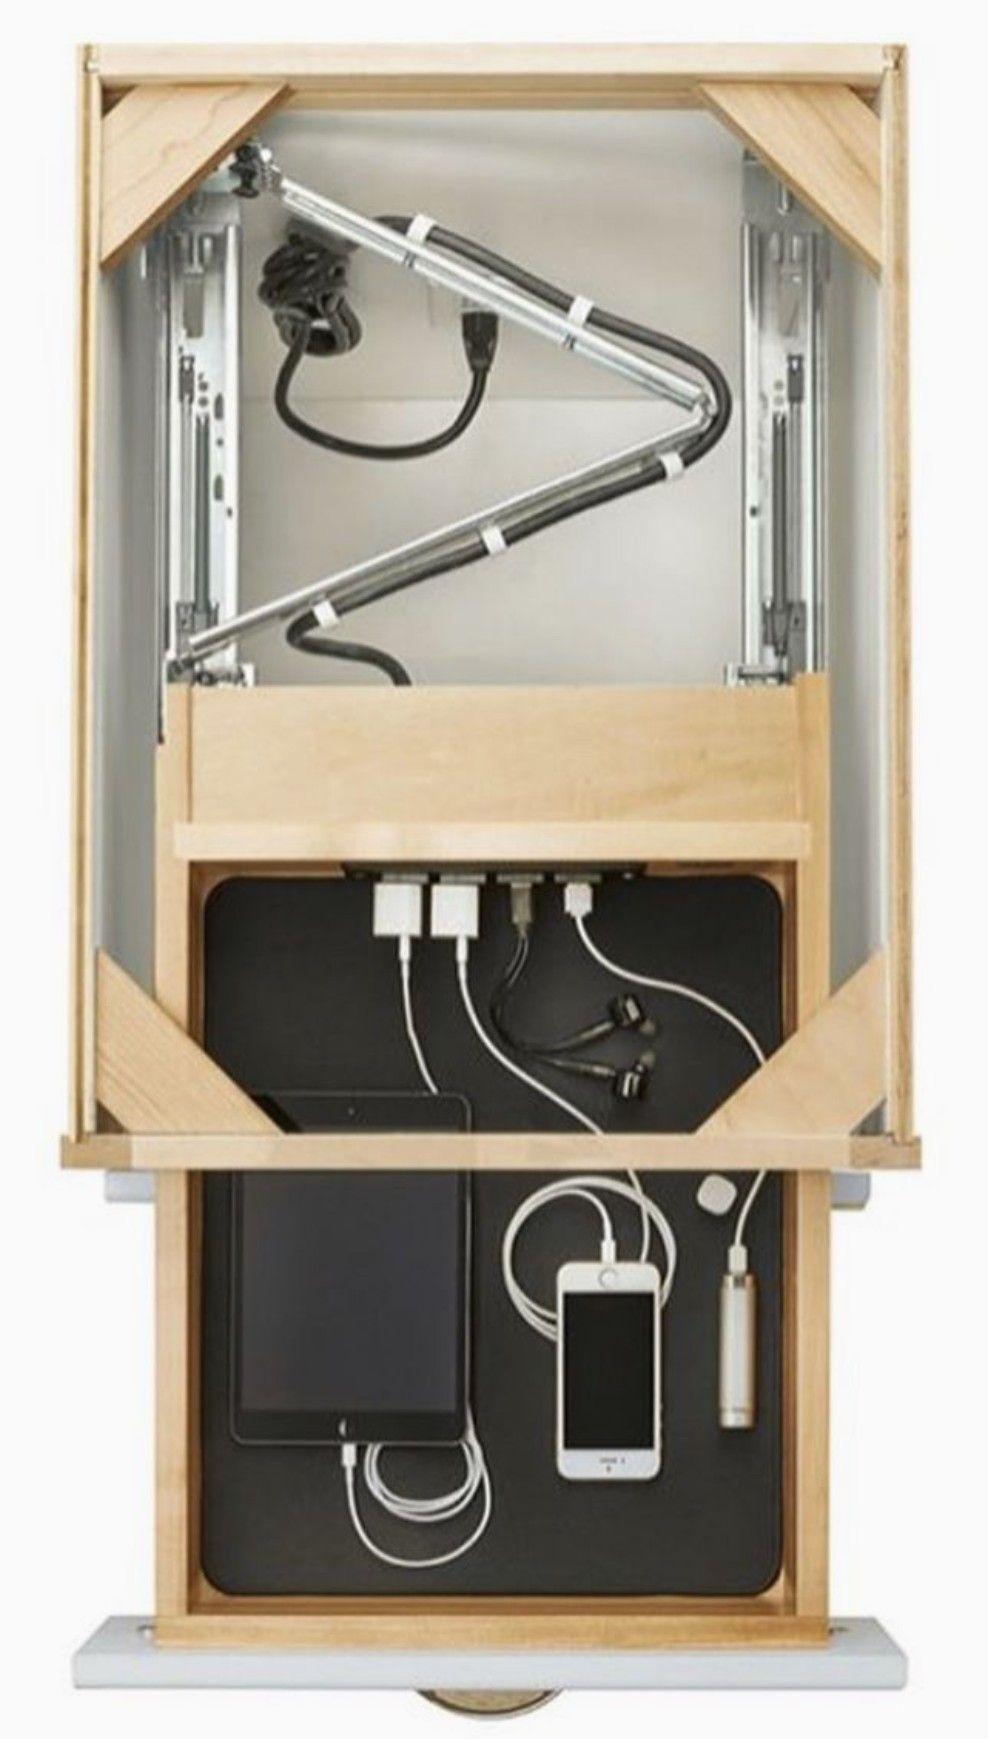 #Garderobe #Diseño para dispositivos electrónicos o tecnológicos #CosasSimplif ... - #CosasSimplif #diseño